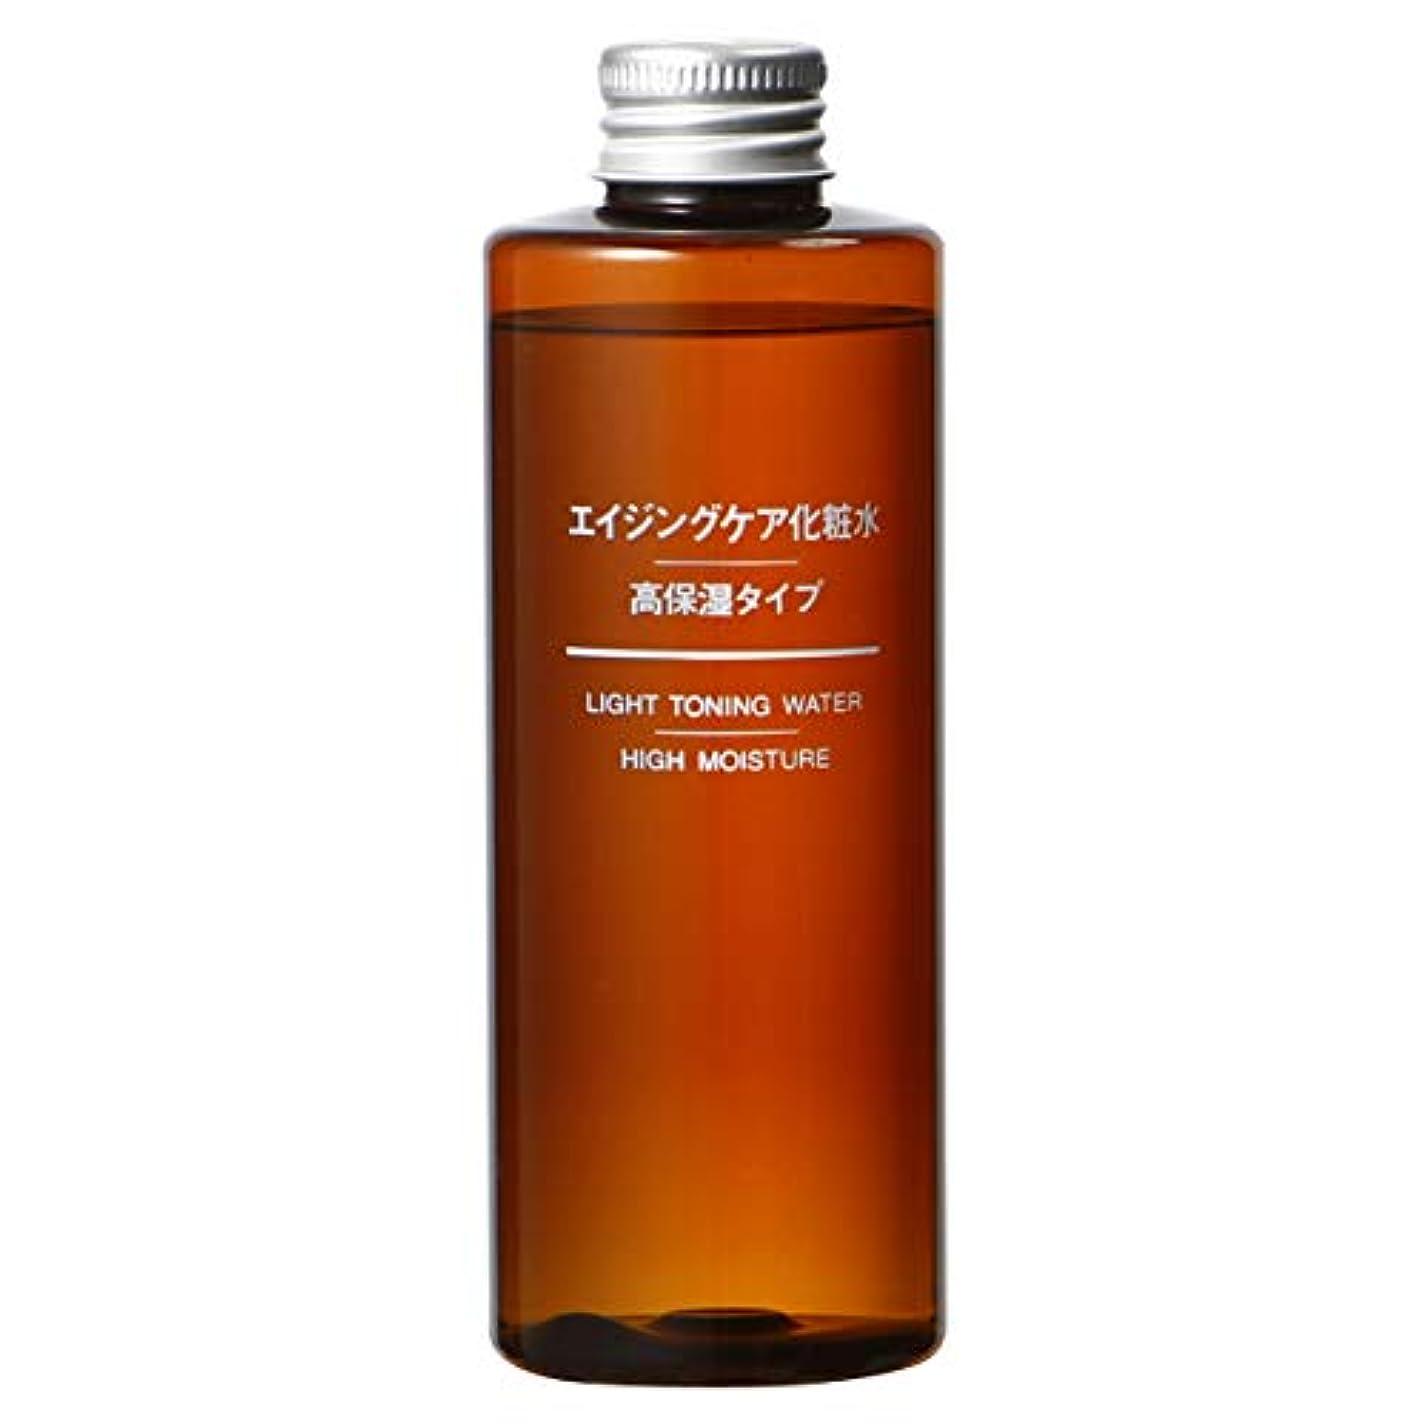 深さ初期寸法無印良品 エイジングケア化粧水?高保湿タイプ 200ml